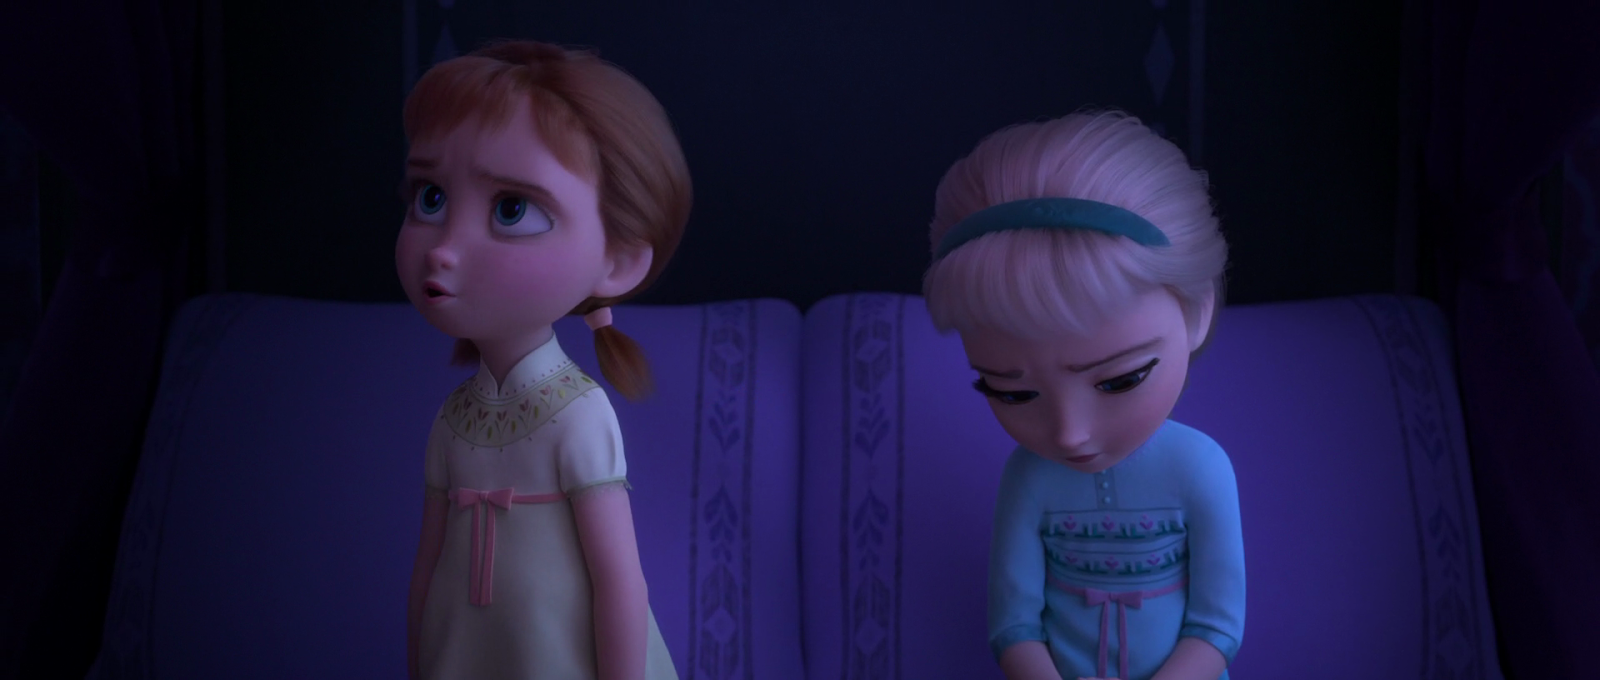 La Reine des Neiges II [Walt Disney - 2019] - Page 28 ACtC-3eiNmDxF6c-VIVPutWbBAoReTvElPCDEjMIfA5TDwYHoFJaEGfstmIzXBXCbD9d91kHZU9mHoTuki8DJqxWHYoVtiHGrSLm75KXwjU9SxpN4GYCgm2Q04WE3gOAHgbuB-YRihr-yq6qjFi8l87ihY9K5w=w1600-h680-no?authuser=0